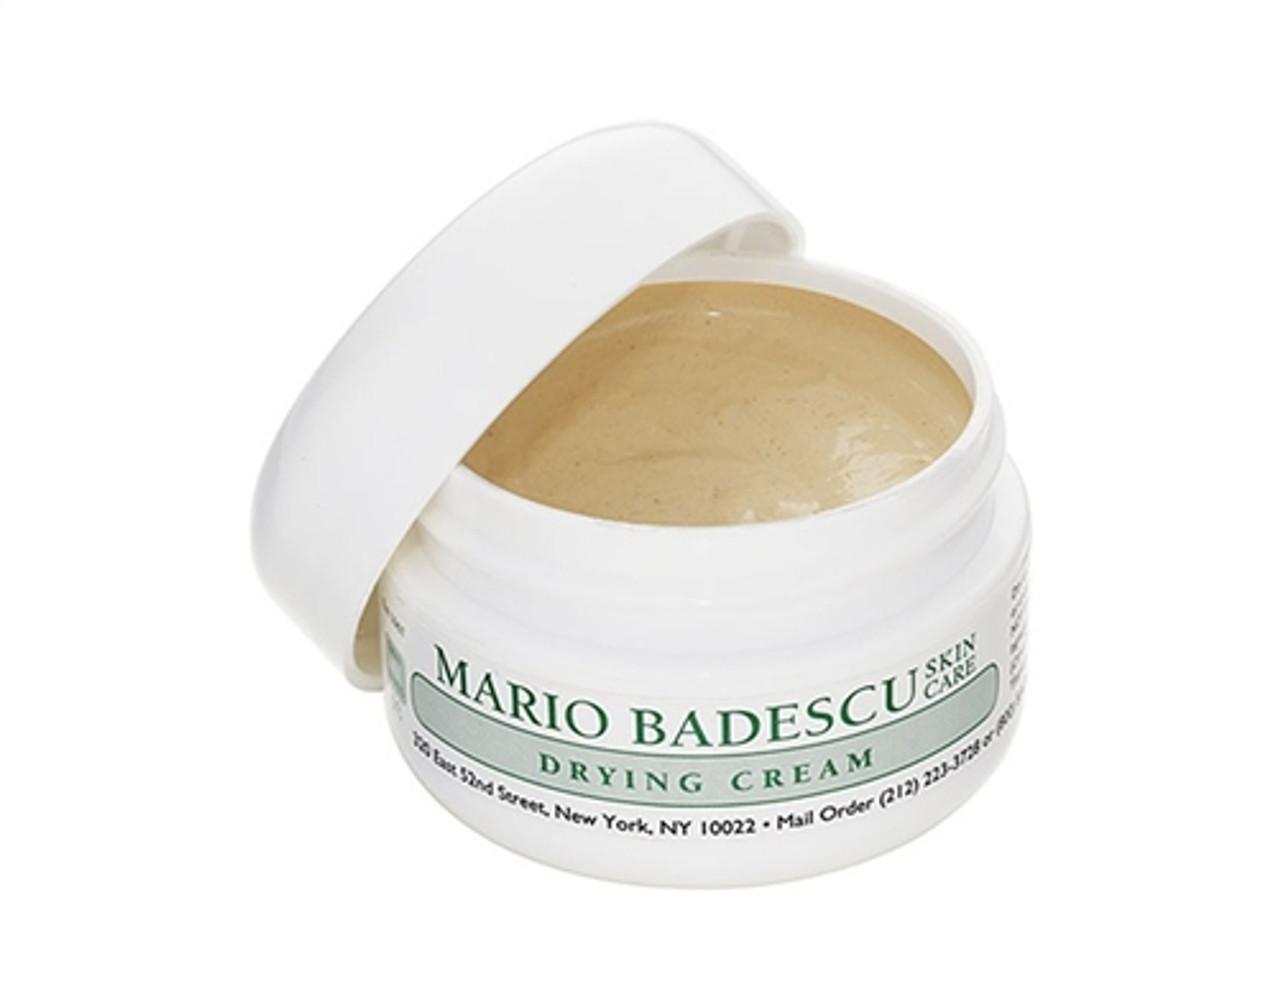 Mario Badescu Drying Cream - 0.5 OZ